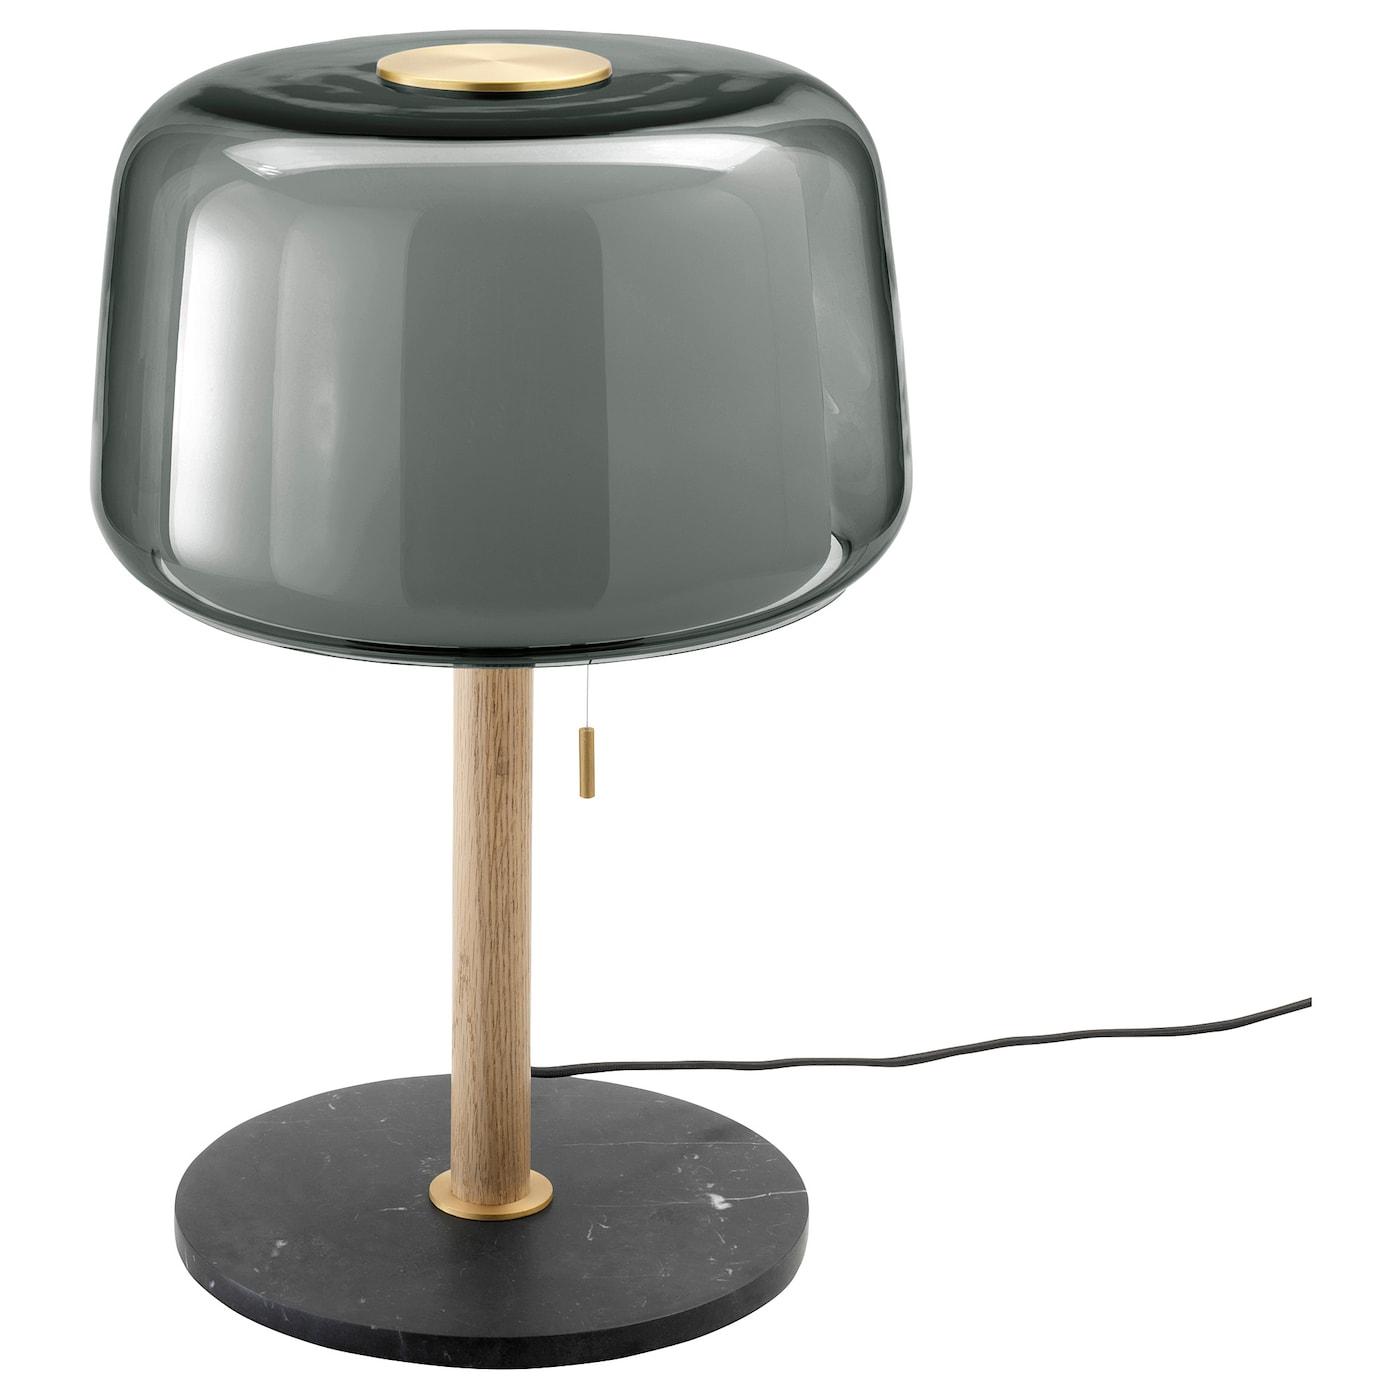 Evedal Tischleuchte Grau Marmor Grau Ikea Deutschland